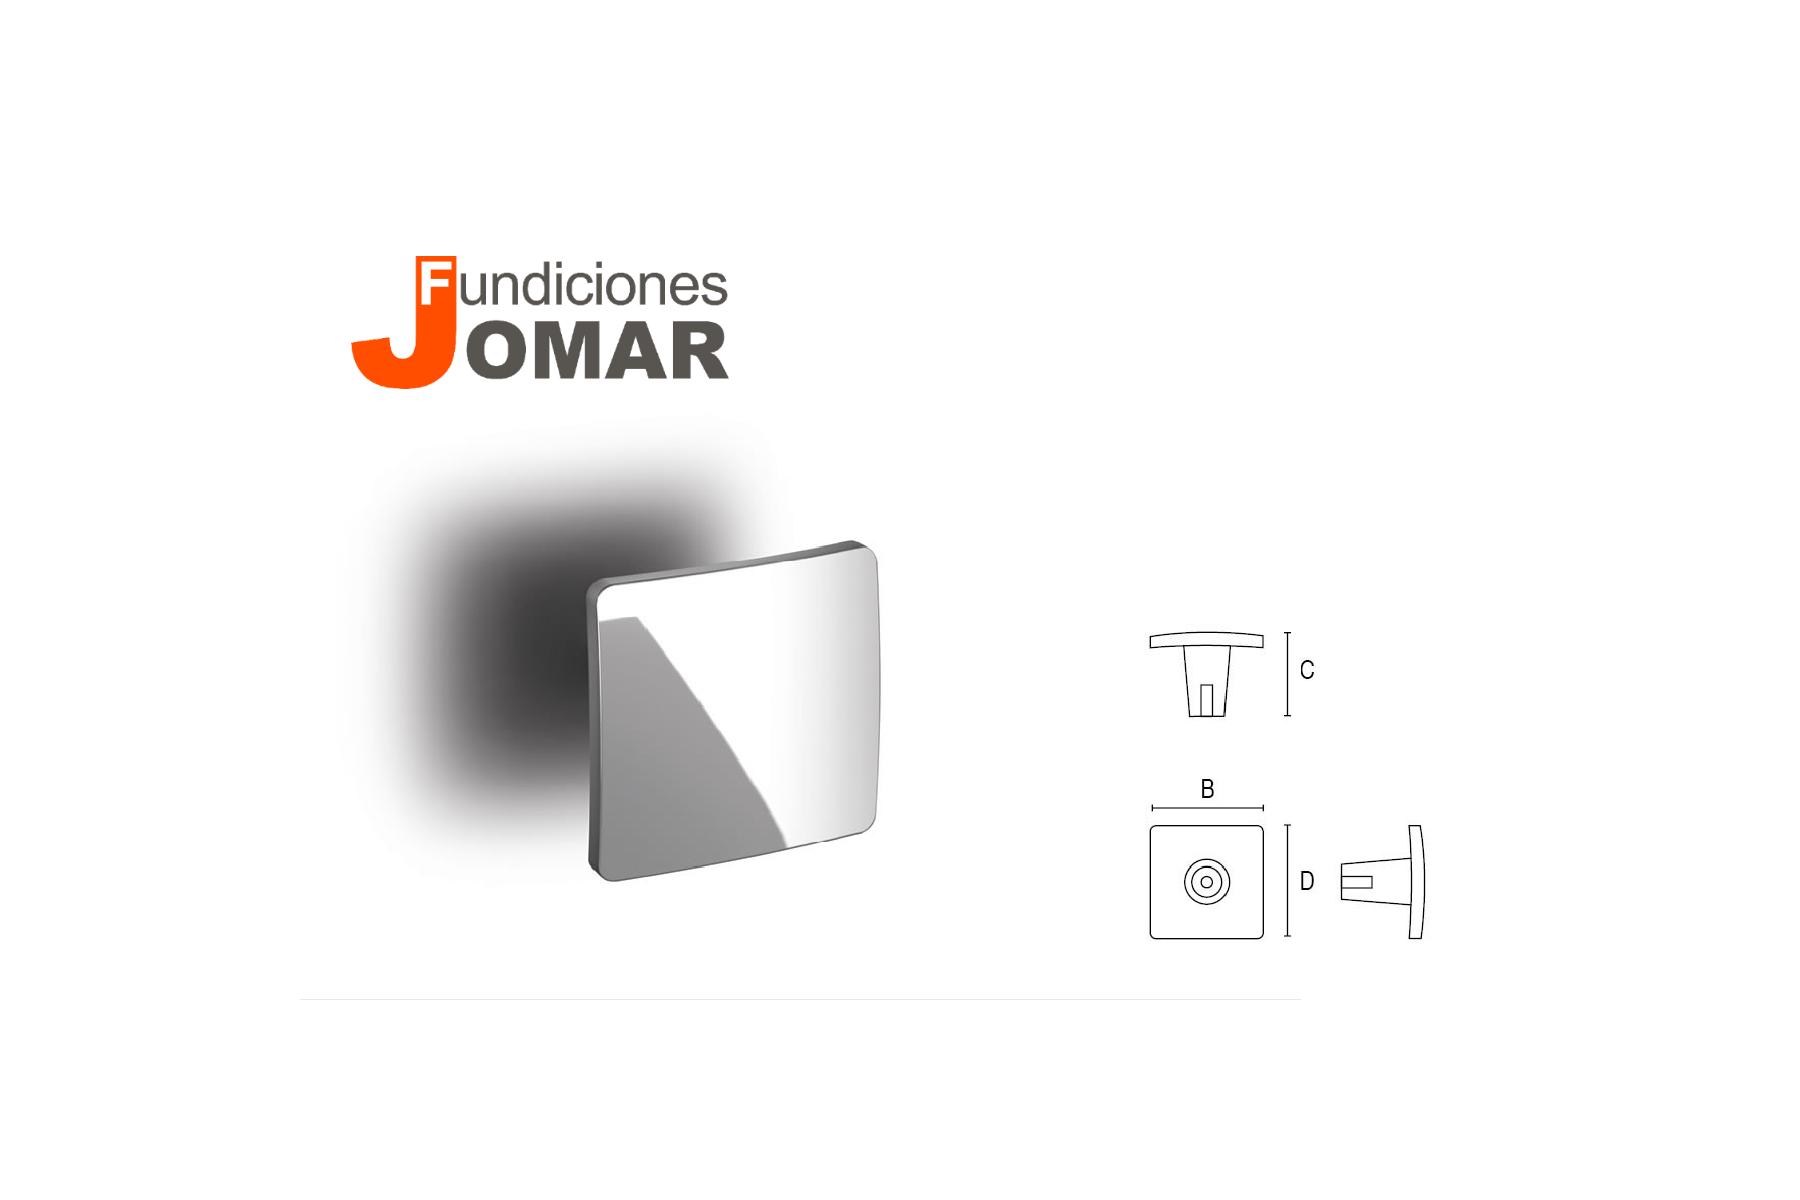 jomar-1.png